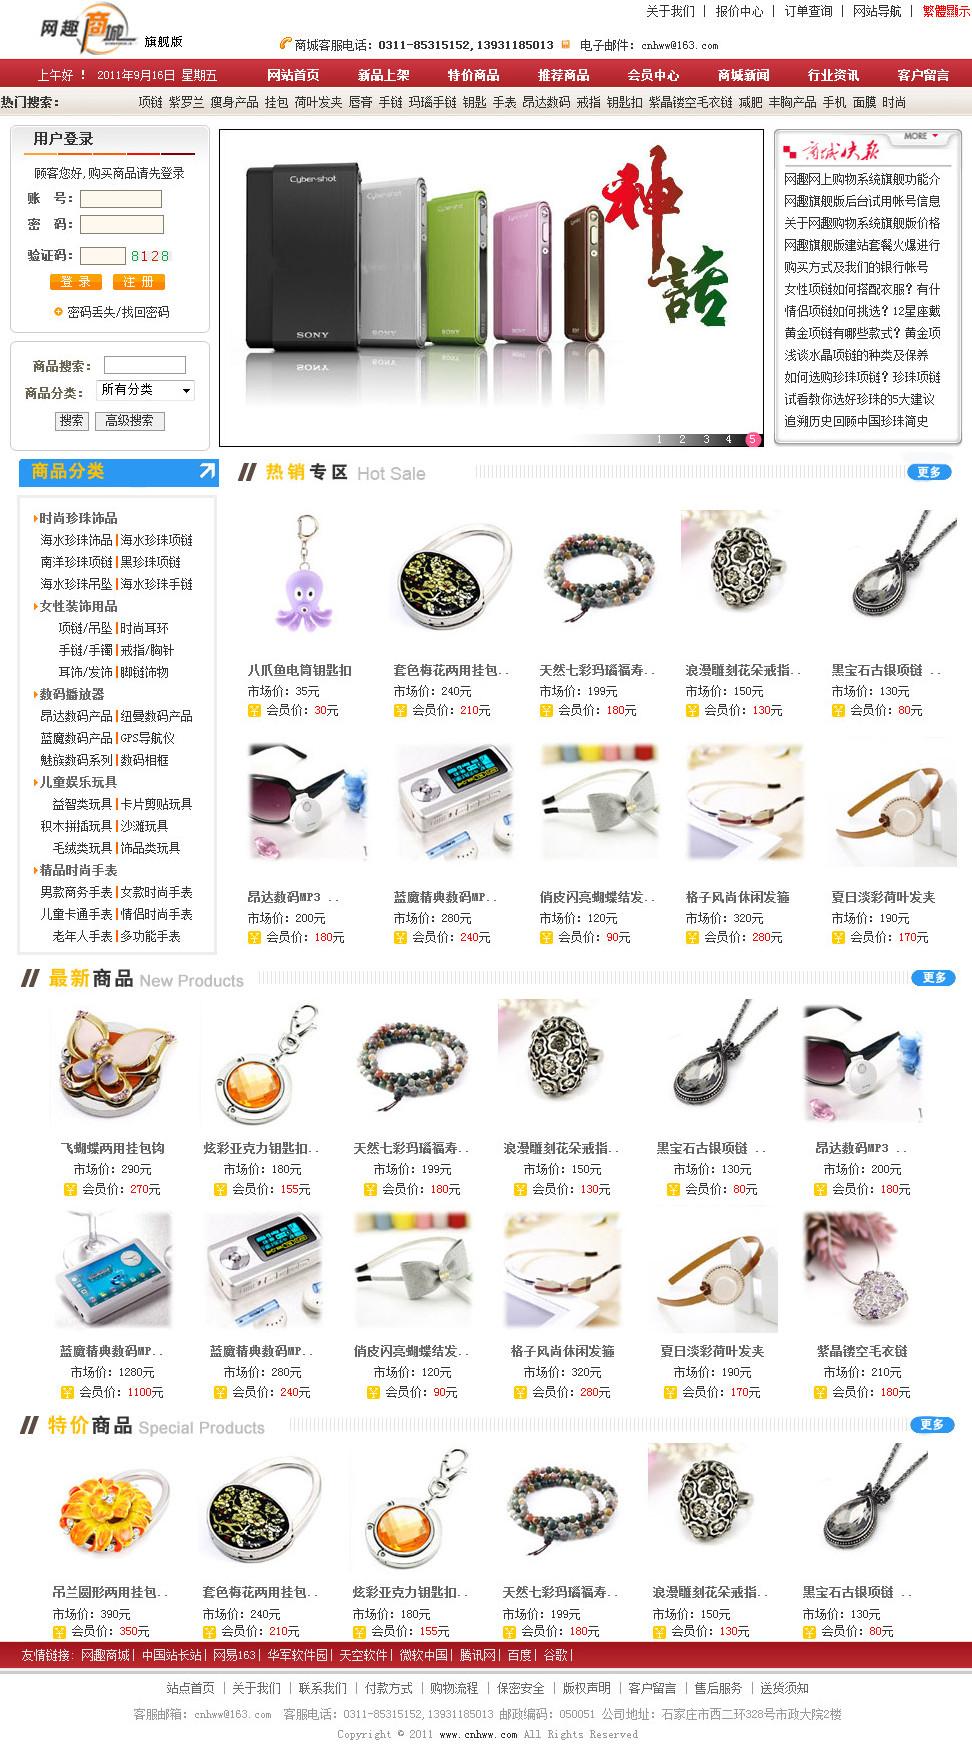 网趣网上购物系统旗舰版 asp免费源码